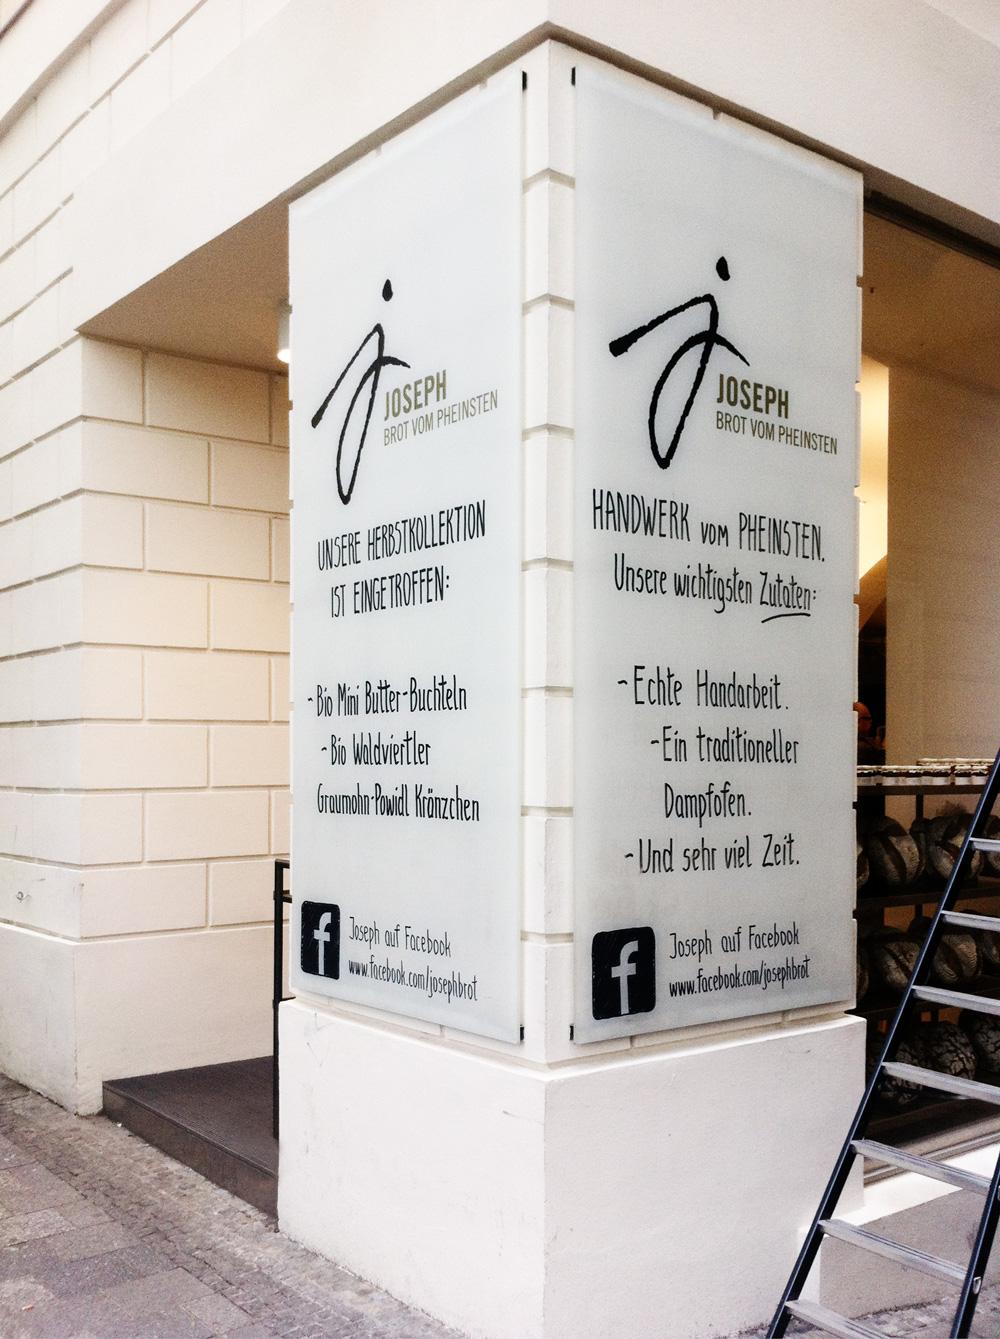 Außentafel bei Joseph Brot Wien